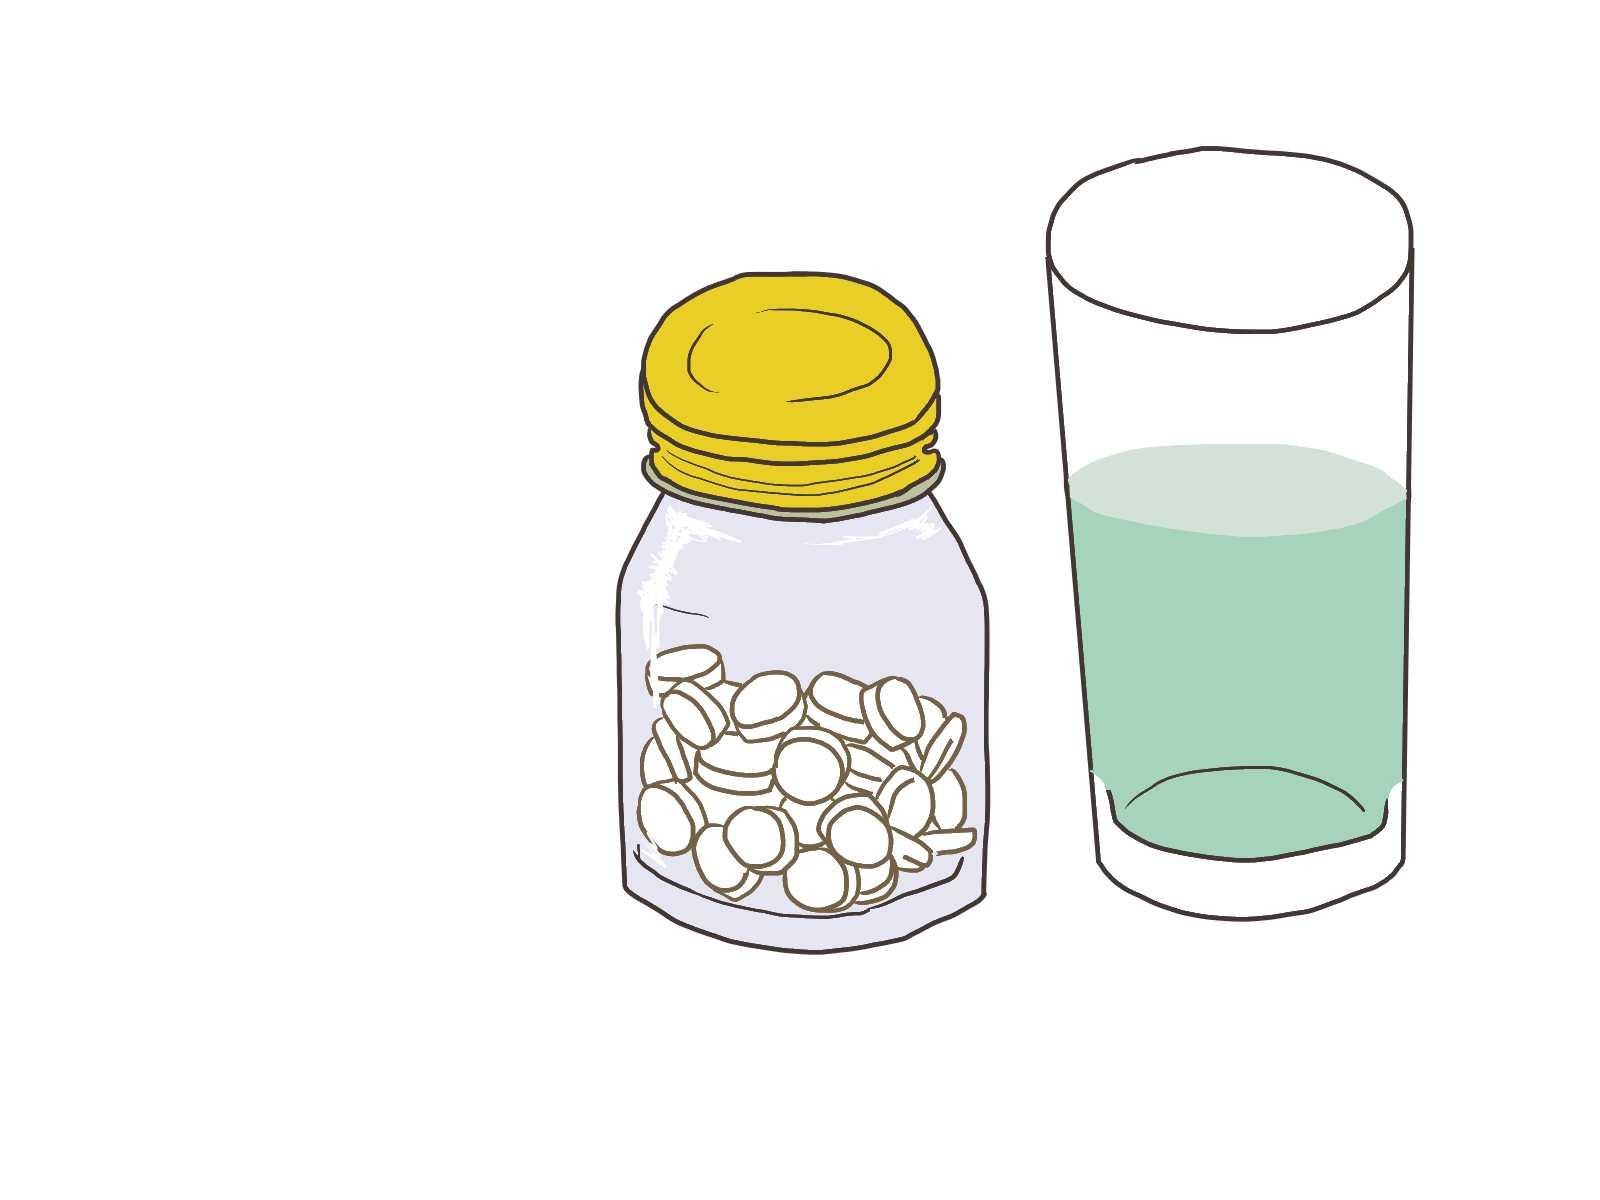 喘息児は、解熱鎮痛薬(NSAIDs)に対する過敏反応が多いかもしれない